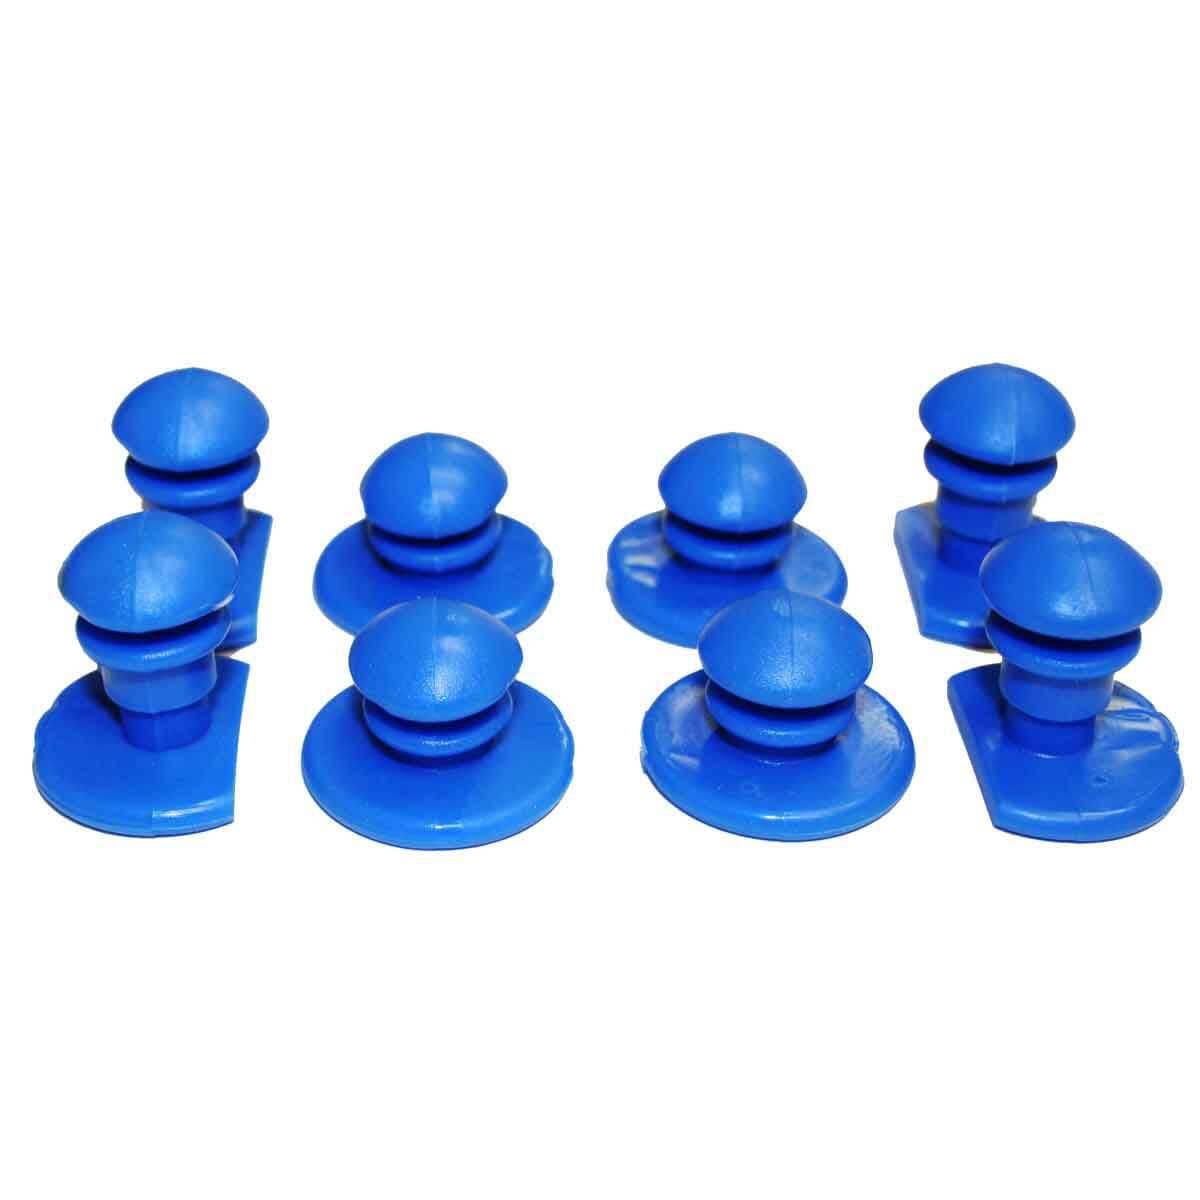 Barwalt KN-1 KN-3 Replc. buttons